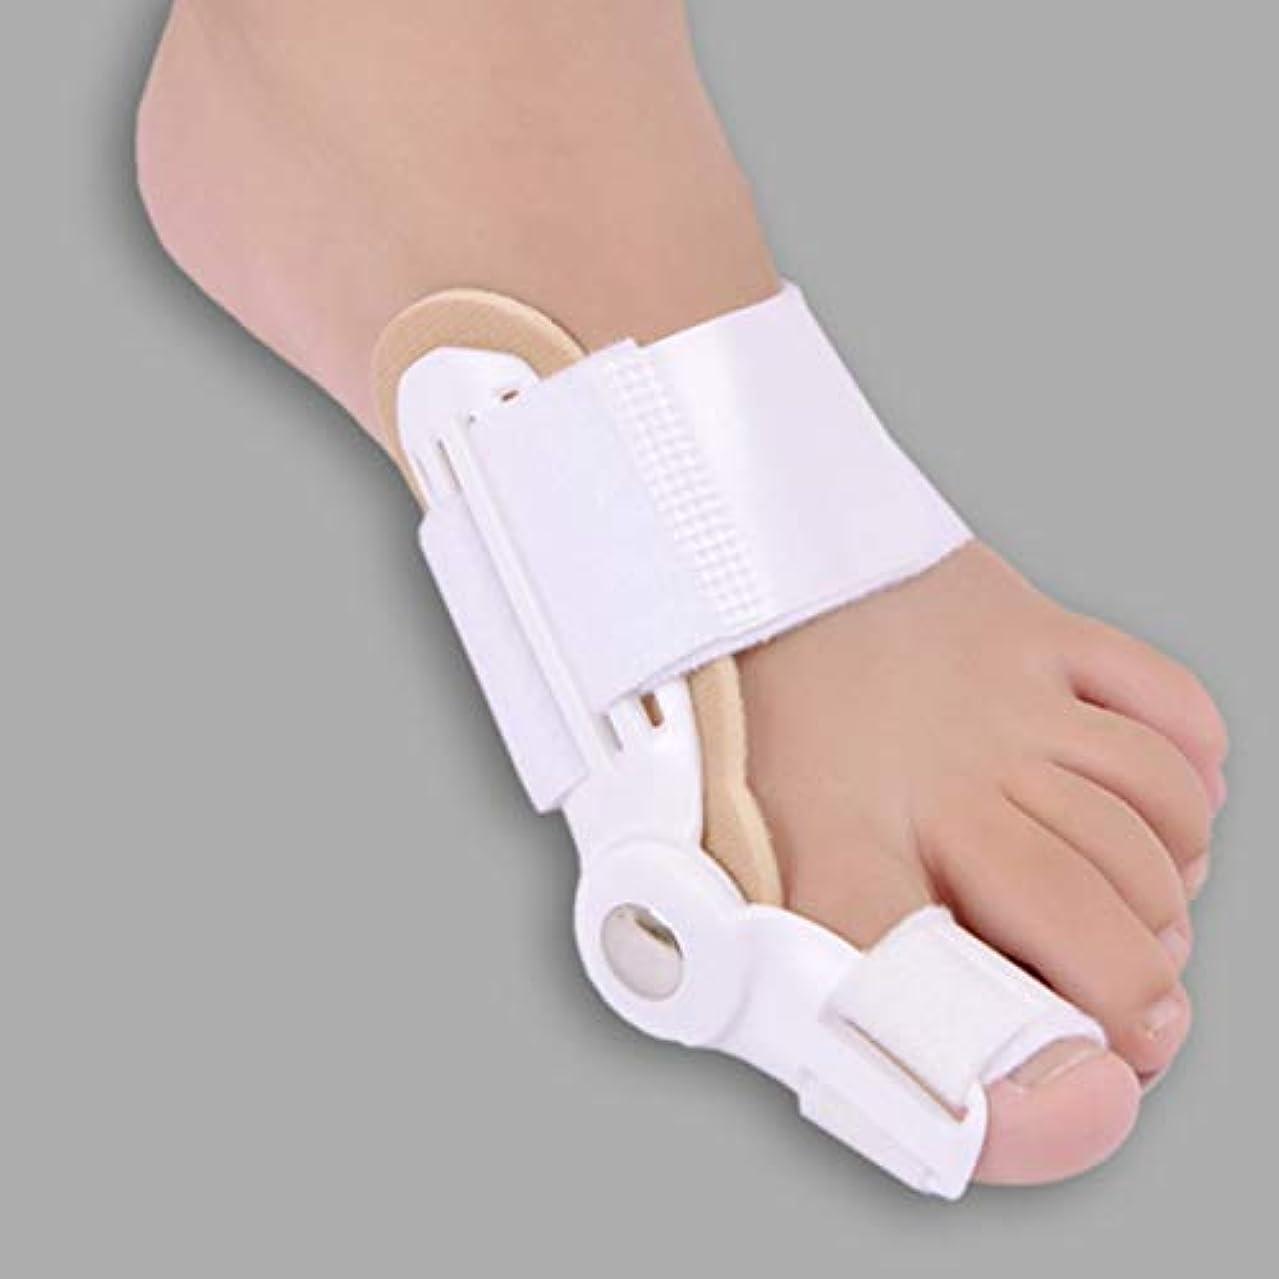 複雑な近々差し引く1pcs Bunion Pain Relief Gel Toe Separators Stretchers Spreaders Foot Pads Cushion Feet Care Shoes Insoles Pad